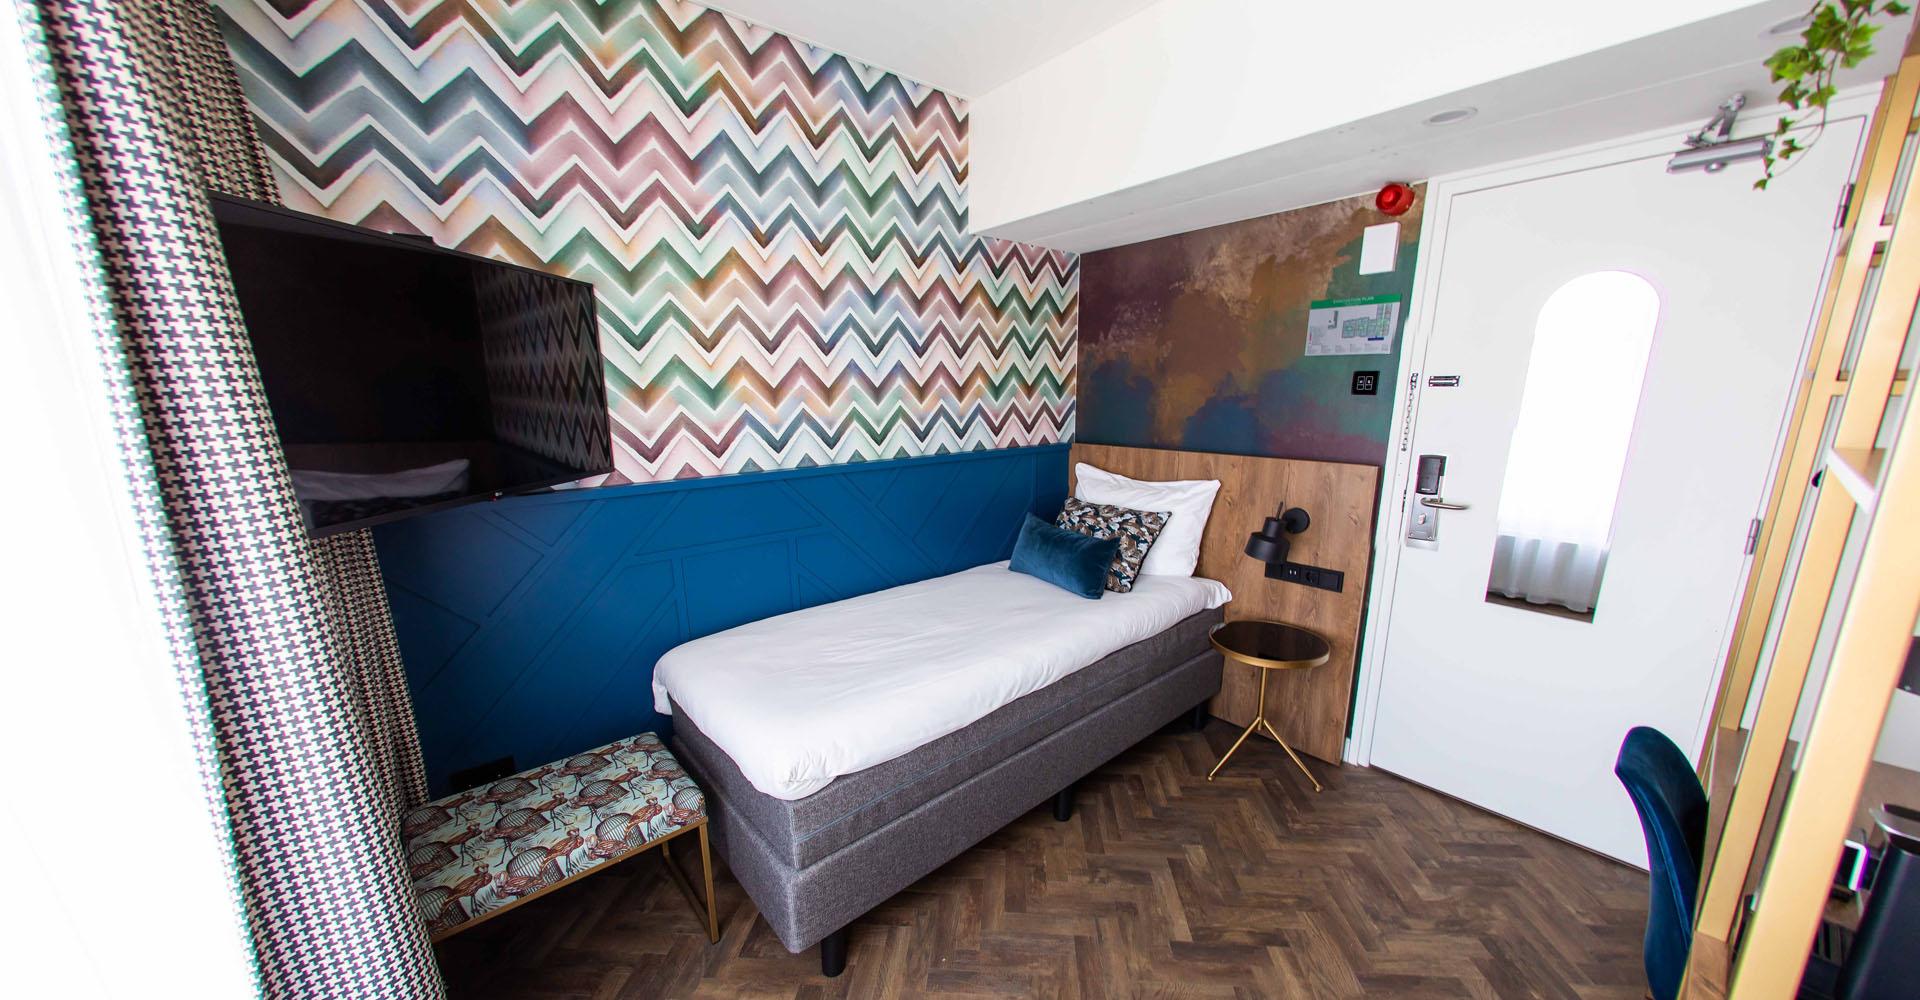 Economy eenpersoonskamer - Hotel Haarhuis - slider.jpg